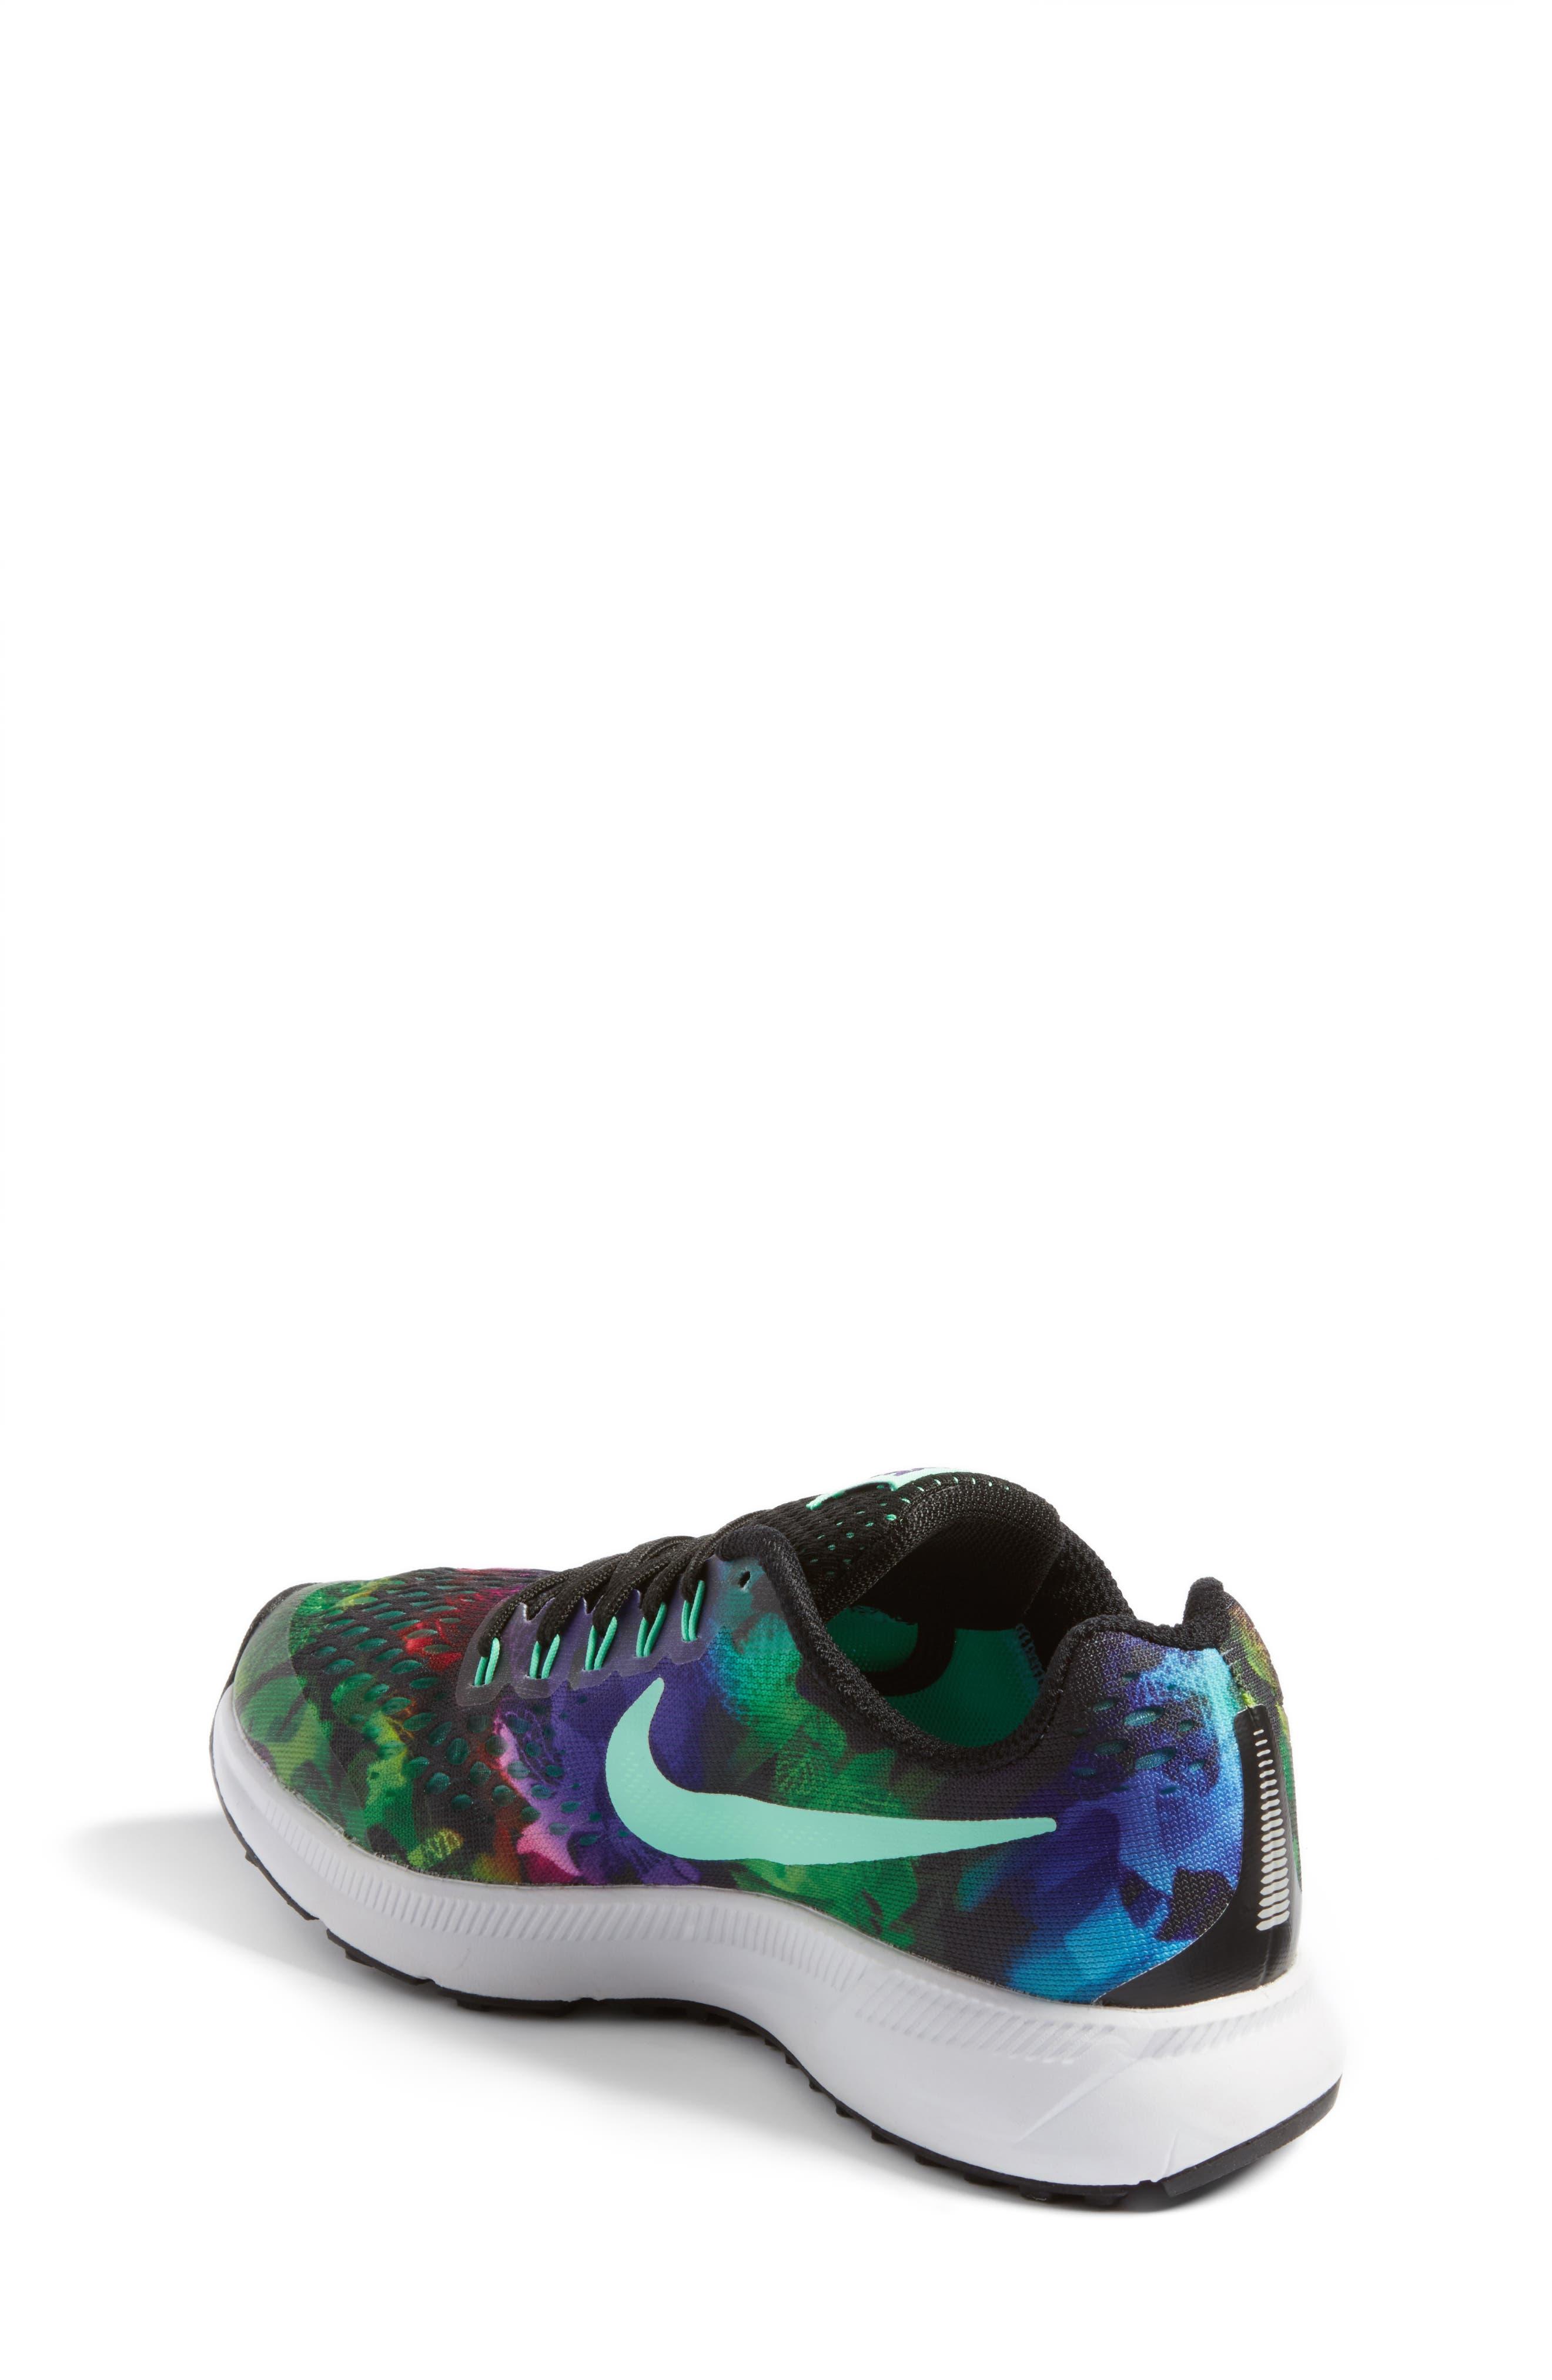 Alternate Image 2  - Nike Zoom Pegasus 34 Print Sneaker (Little Kid & Big Kid)